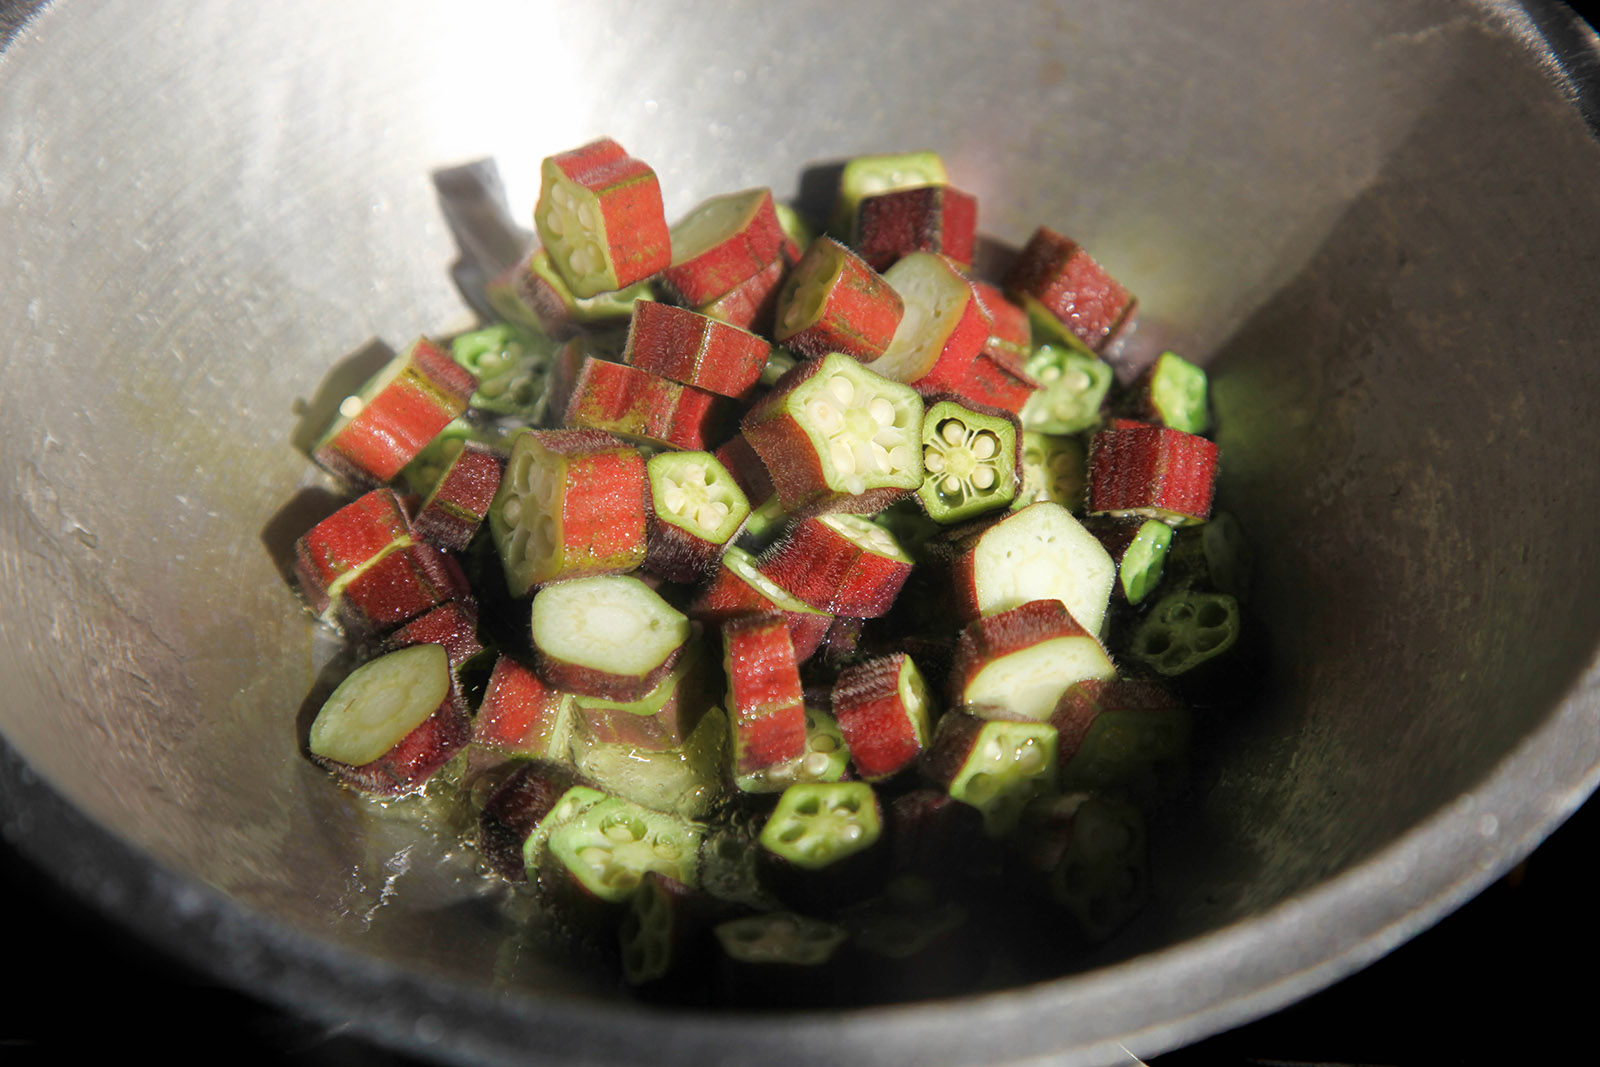 Frying okra in the wok